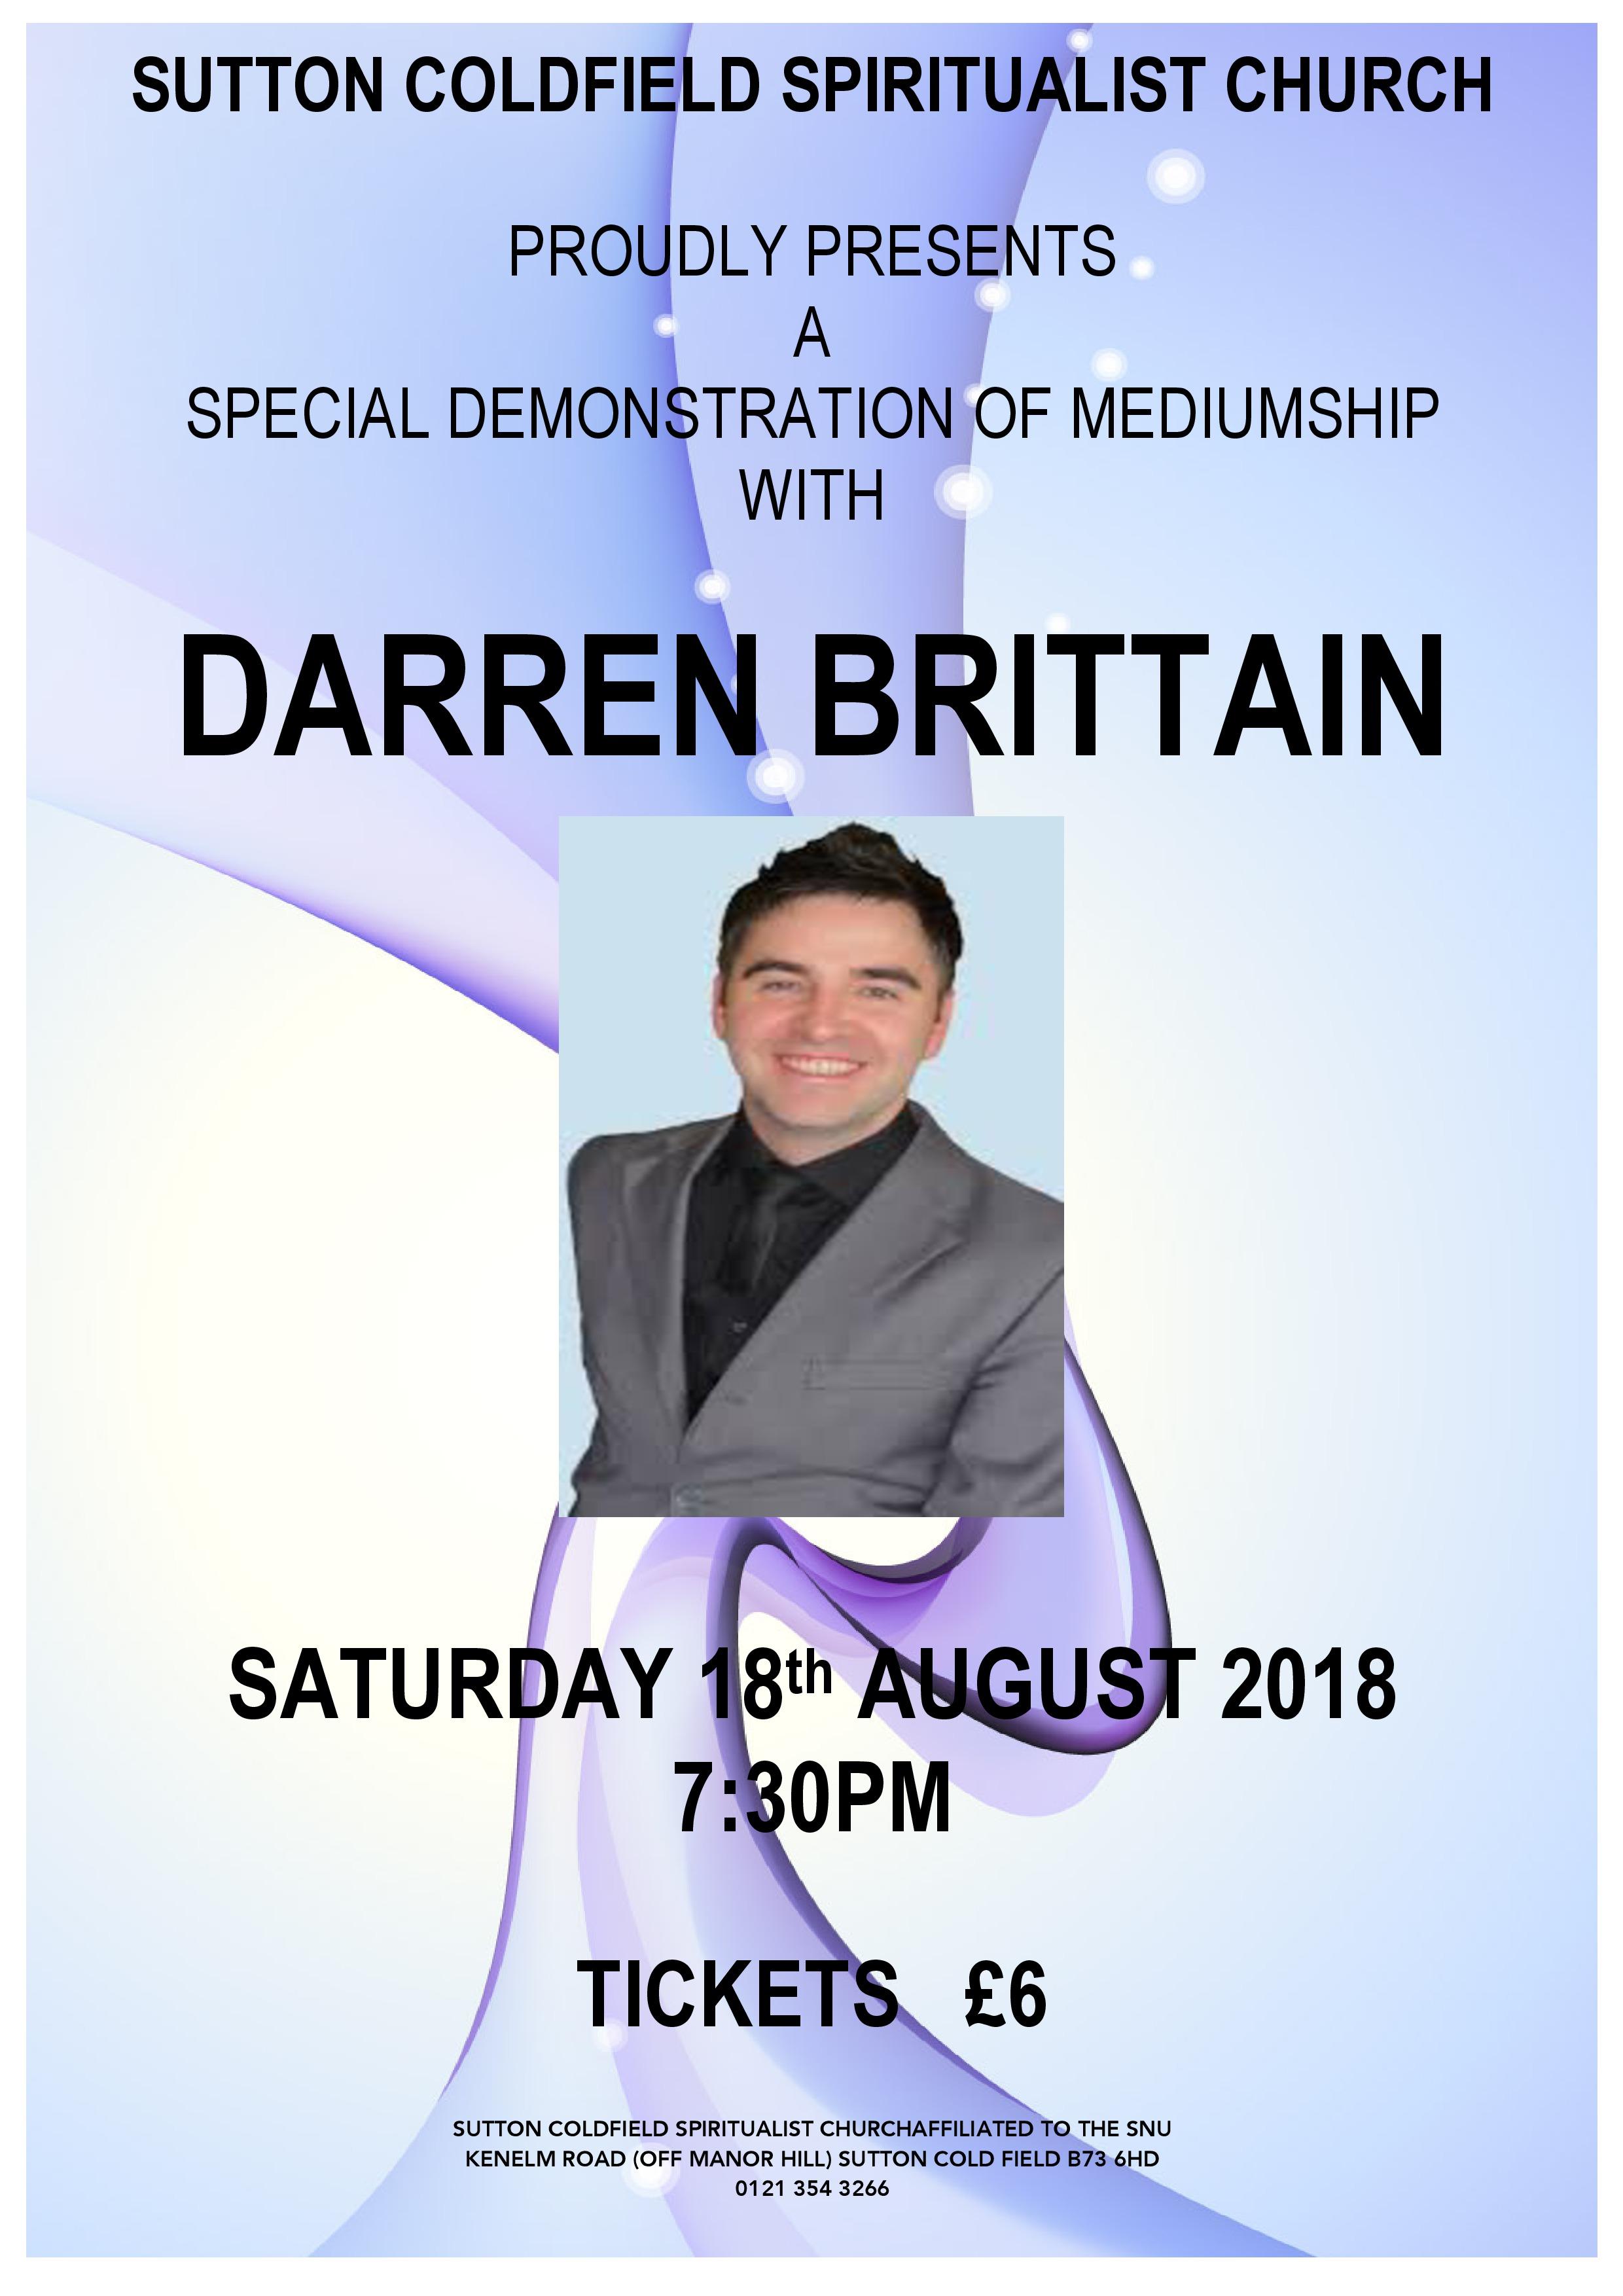 darren brittain poster demo 2018-page-0